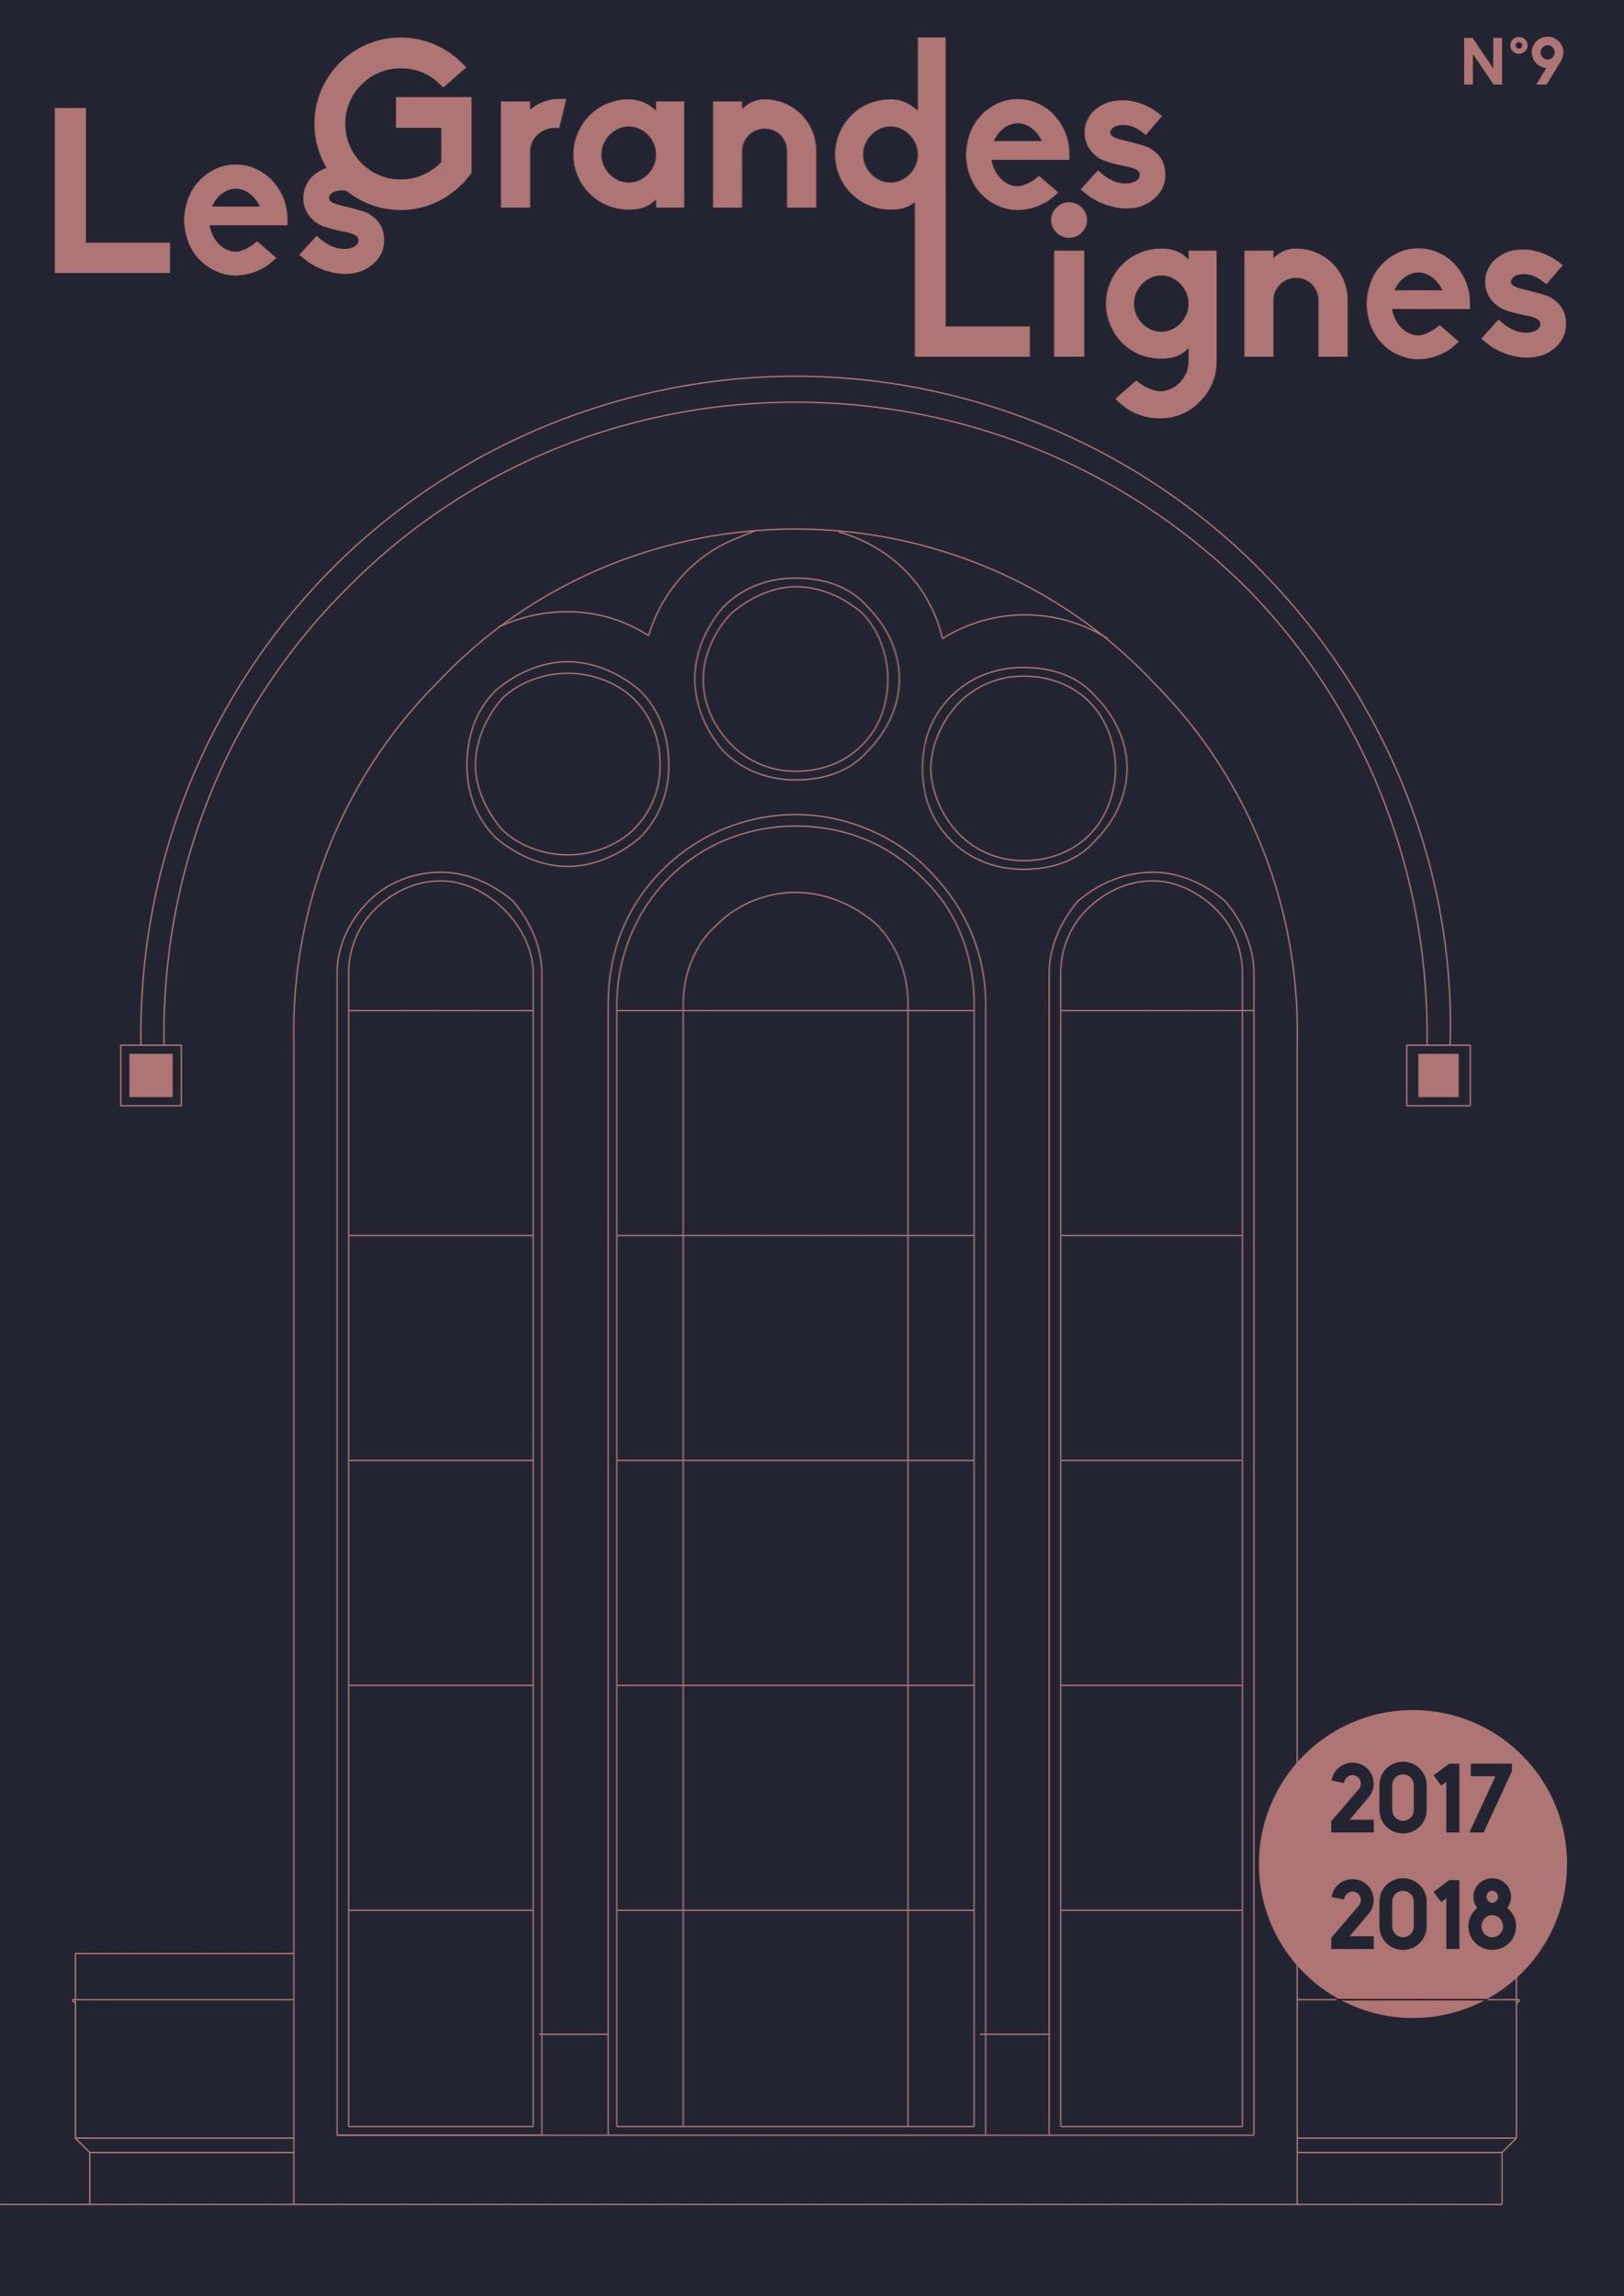 Les Grandes Lignes 2017/2018